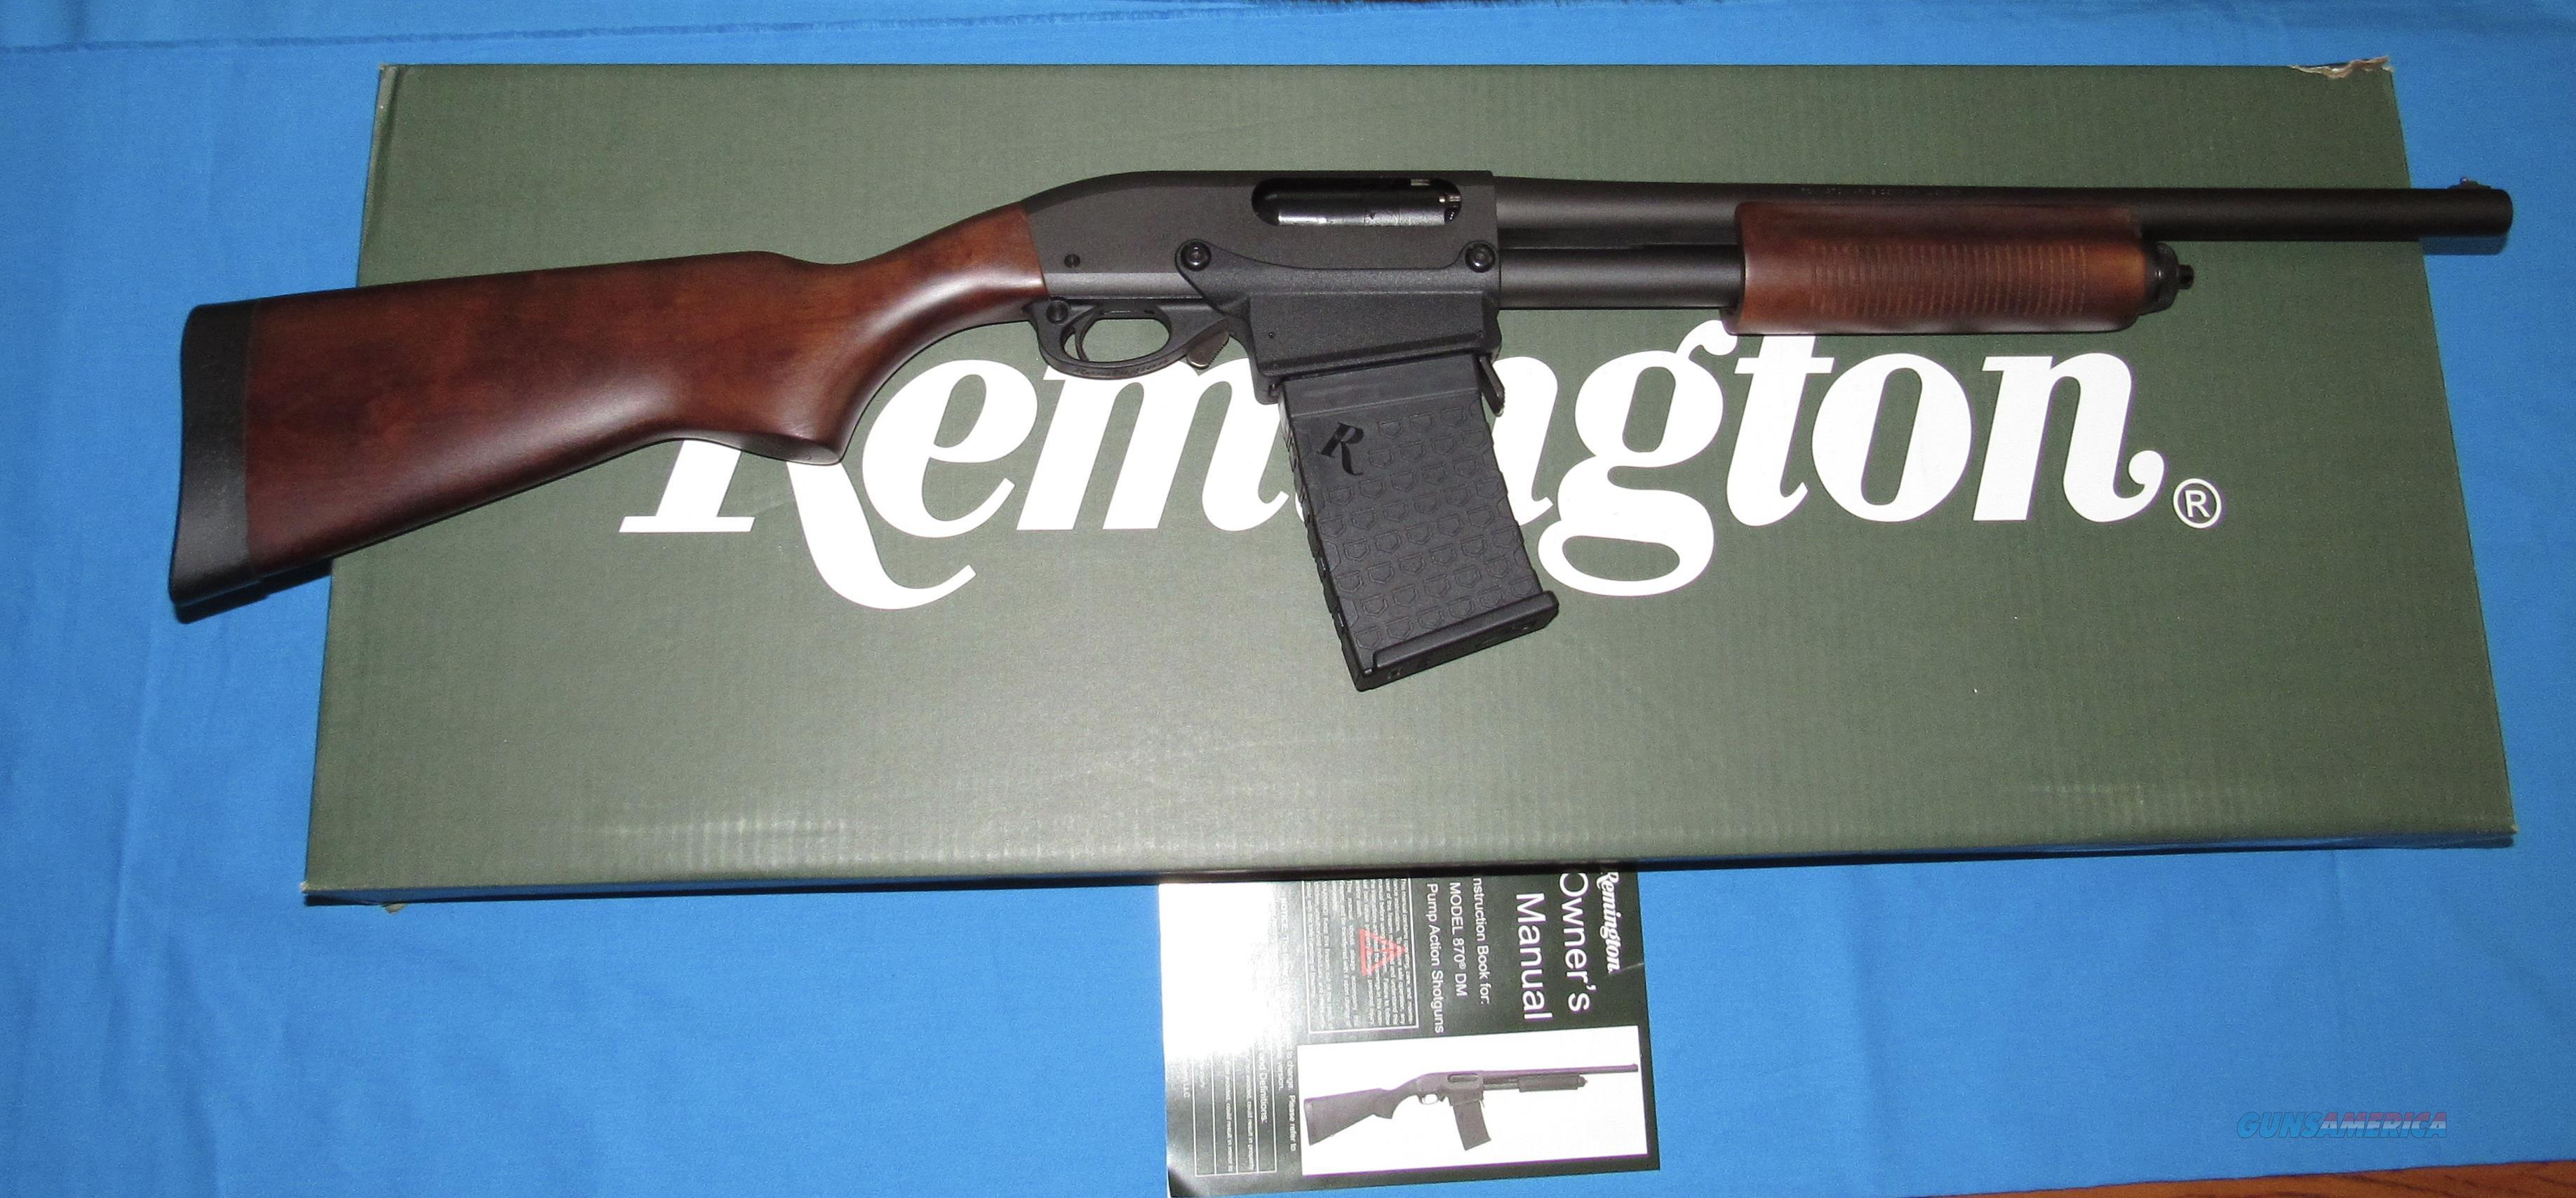 REMINGTON 870 EXPRESS TACTICAL HARDWOOD 12 GA PUMP SHOTGUN W/D. MAG.  Guns > Shotguns > Remington Shotguns  > Pump > Tactical